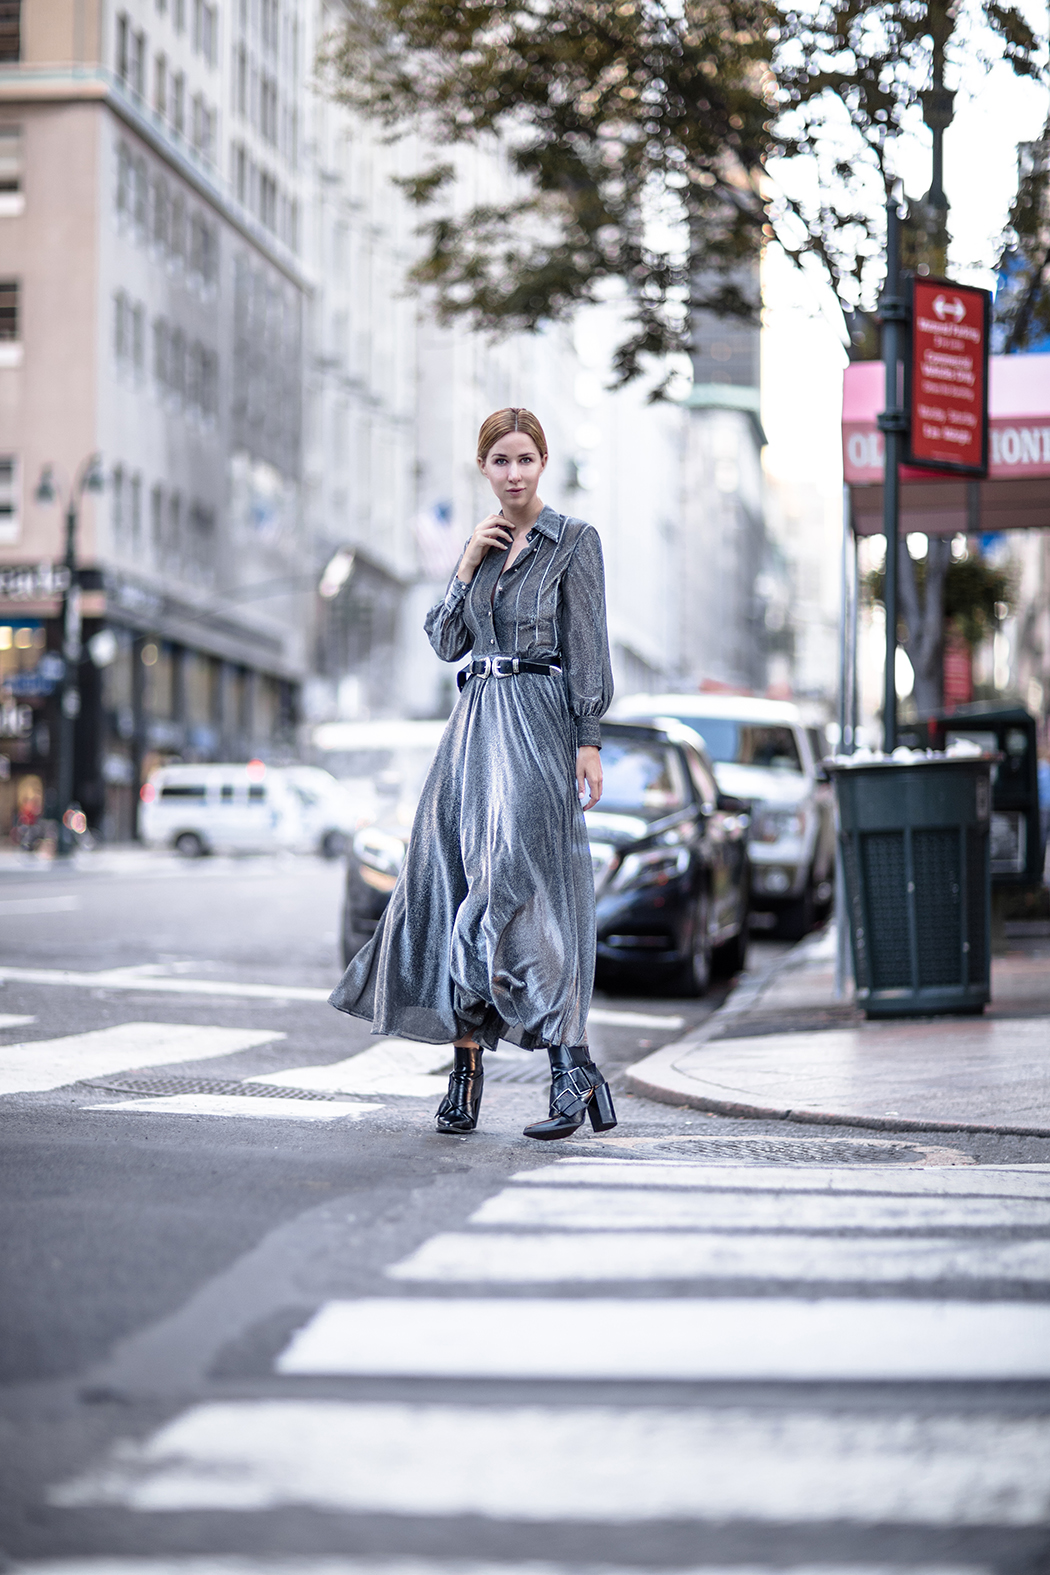 fashionblog-fashionblogger-fashion-blog-blogger-muenchen-deutschland-modeblog-modeblogger-lindarella-silbernes-kleid-gucci-metallic-6